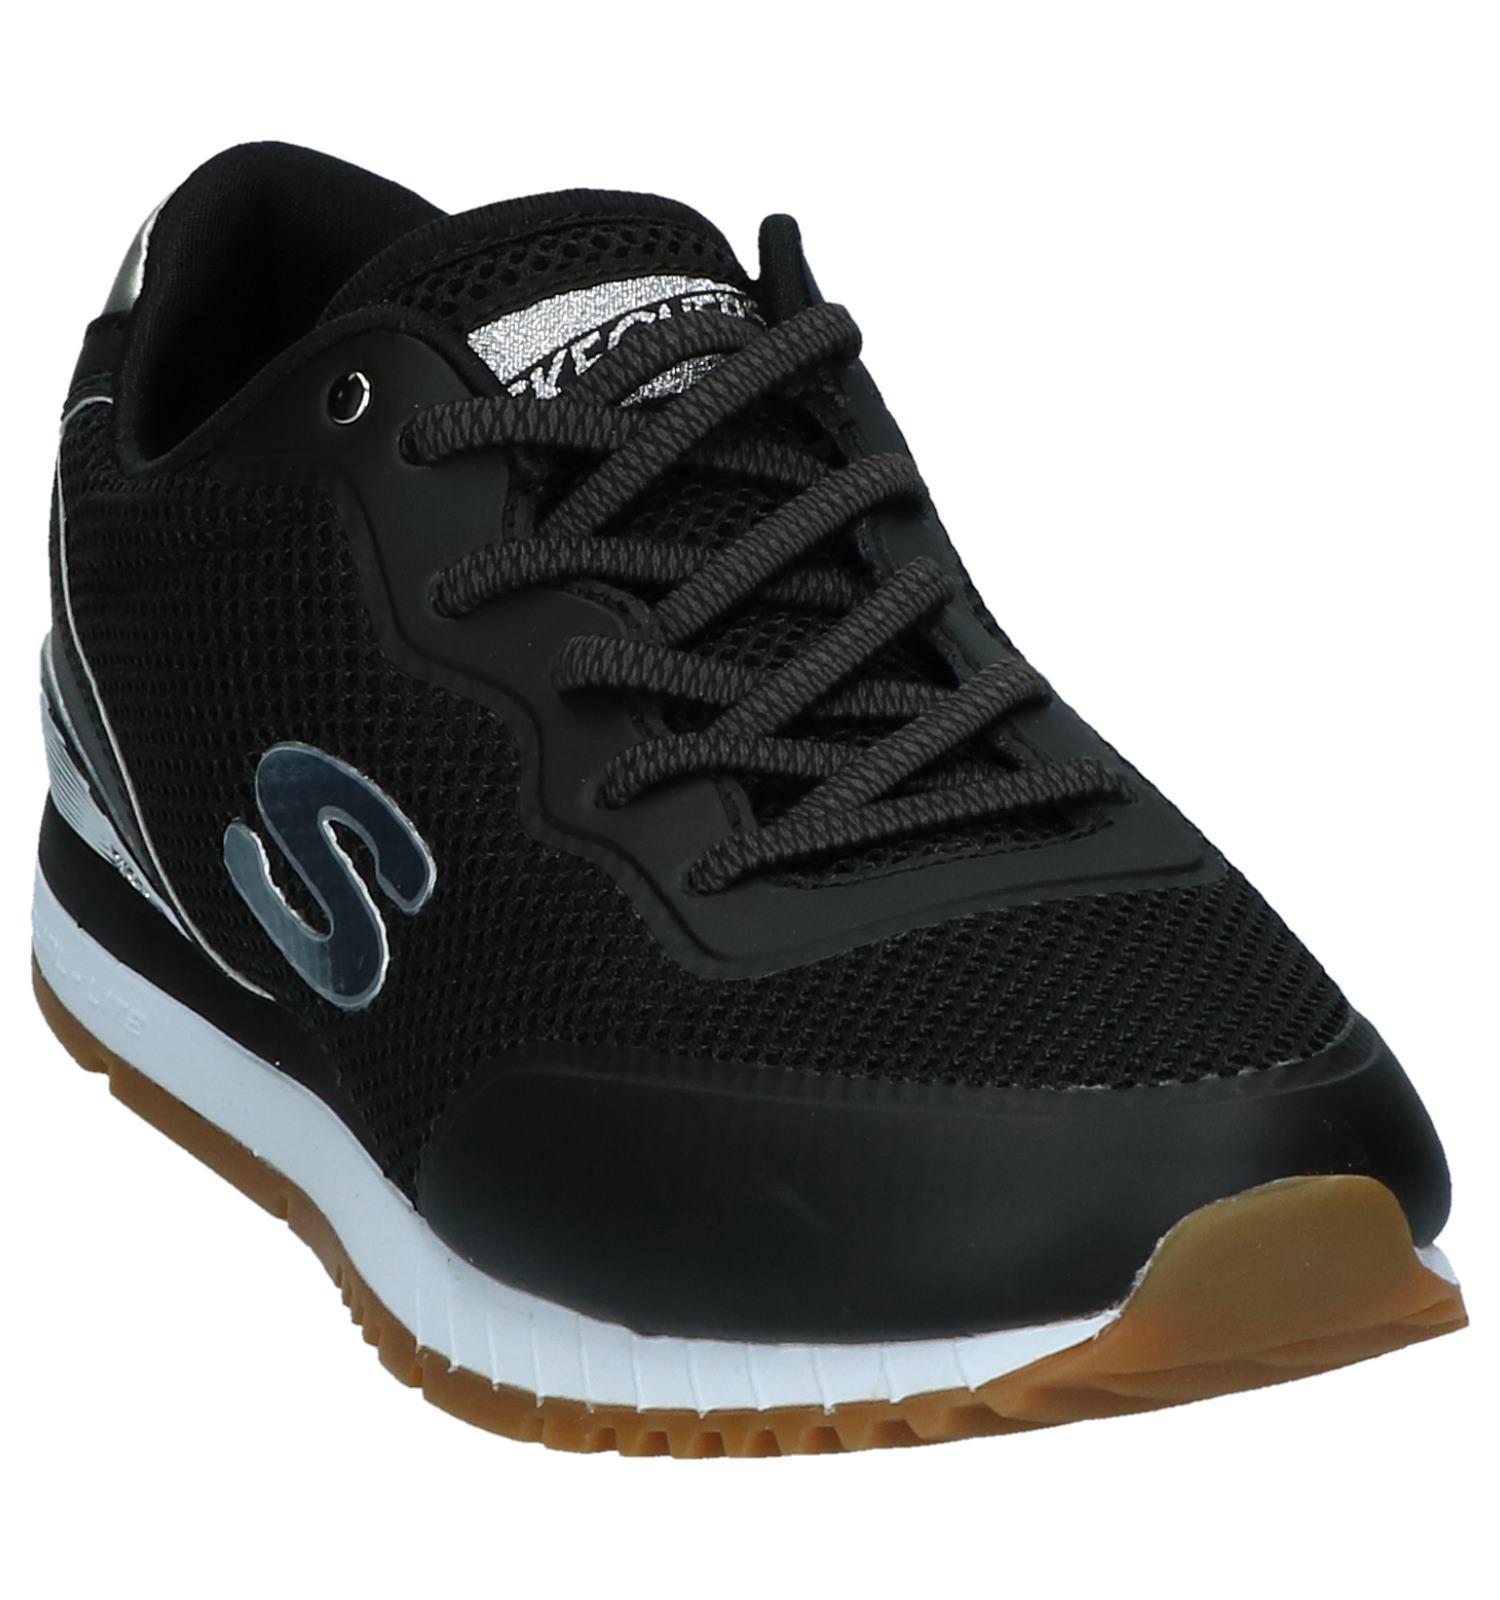 Sneakers Lage Skechers Zwarte Zwarte Lage Sneakers Skechers Zwarte DIWY9E2H